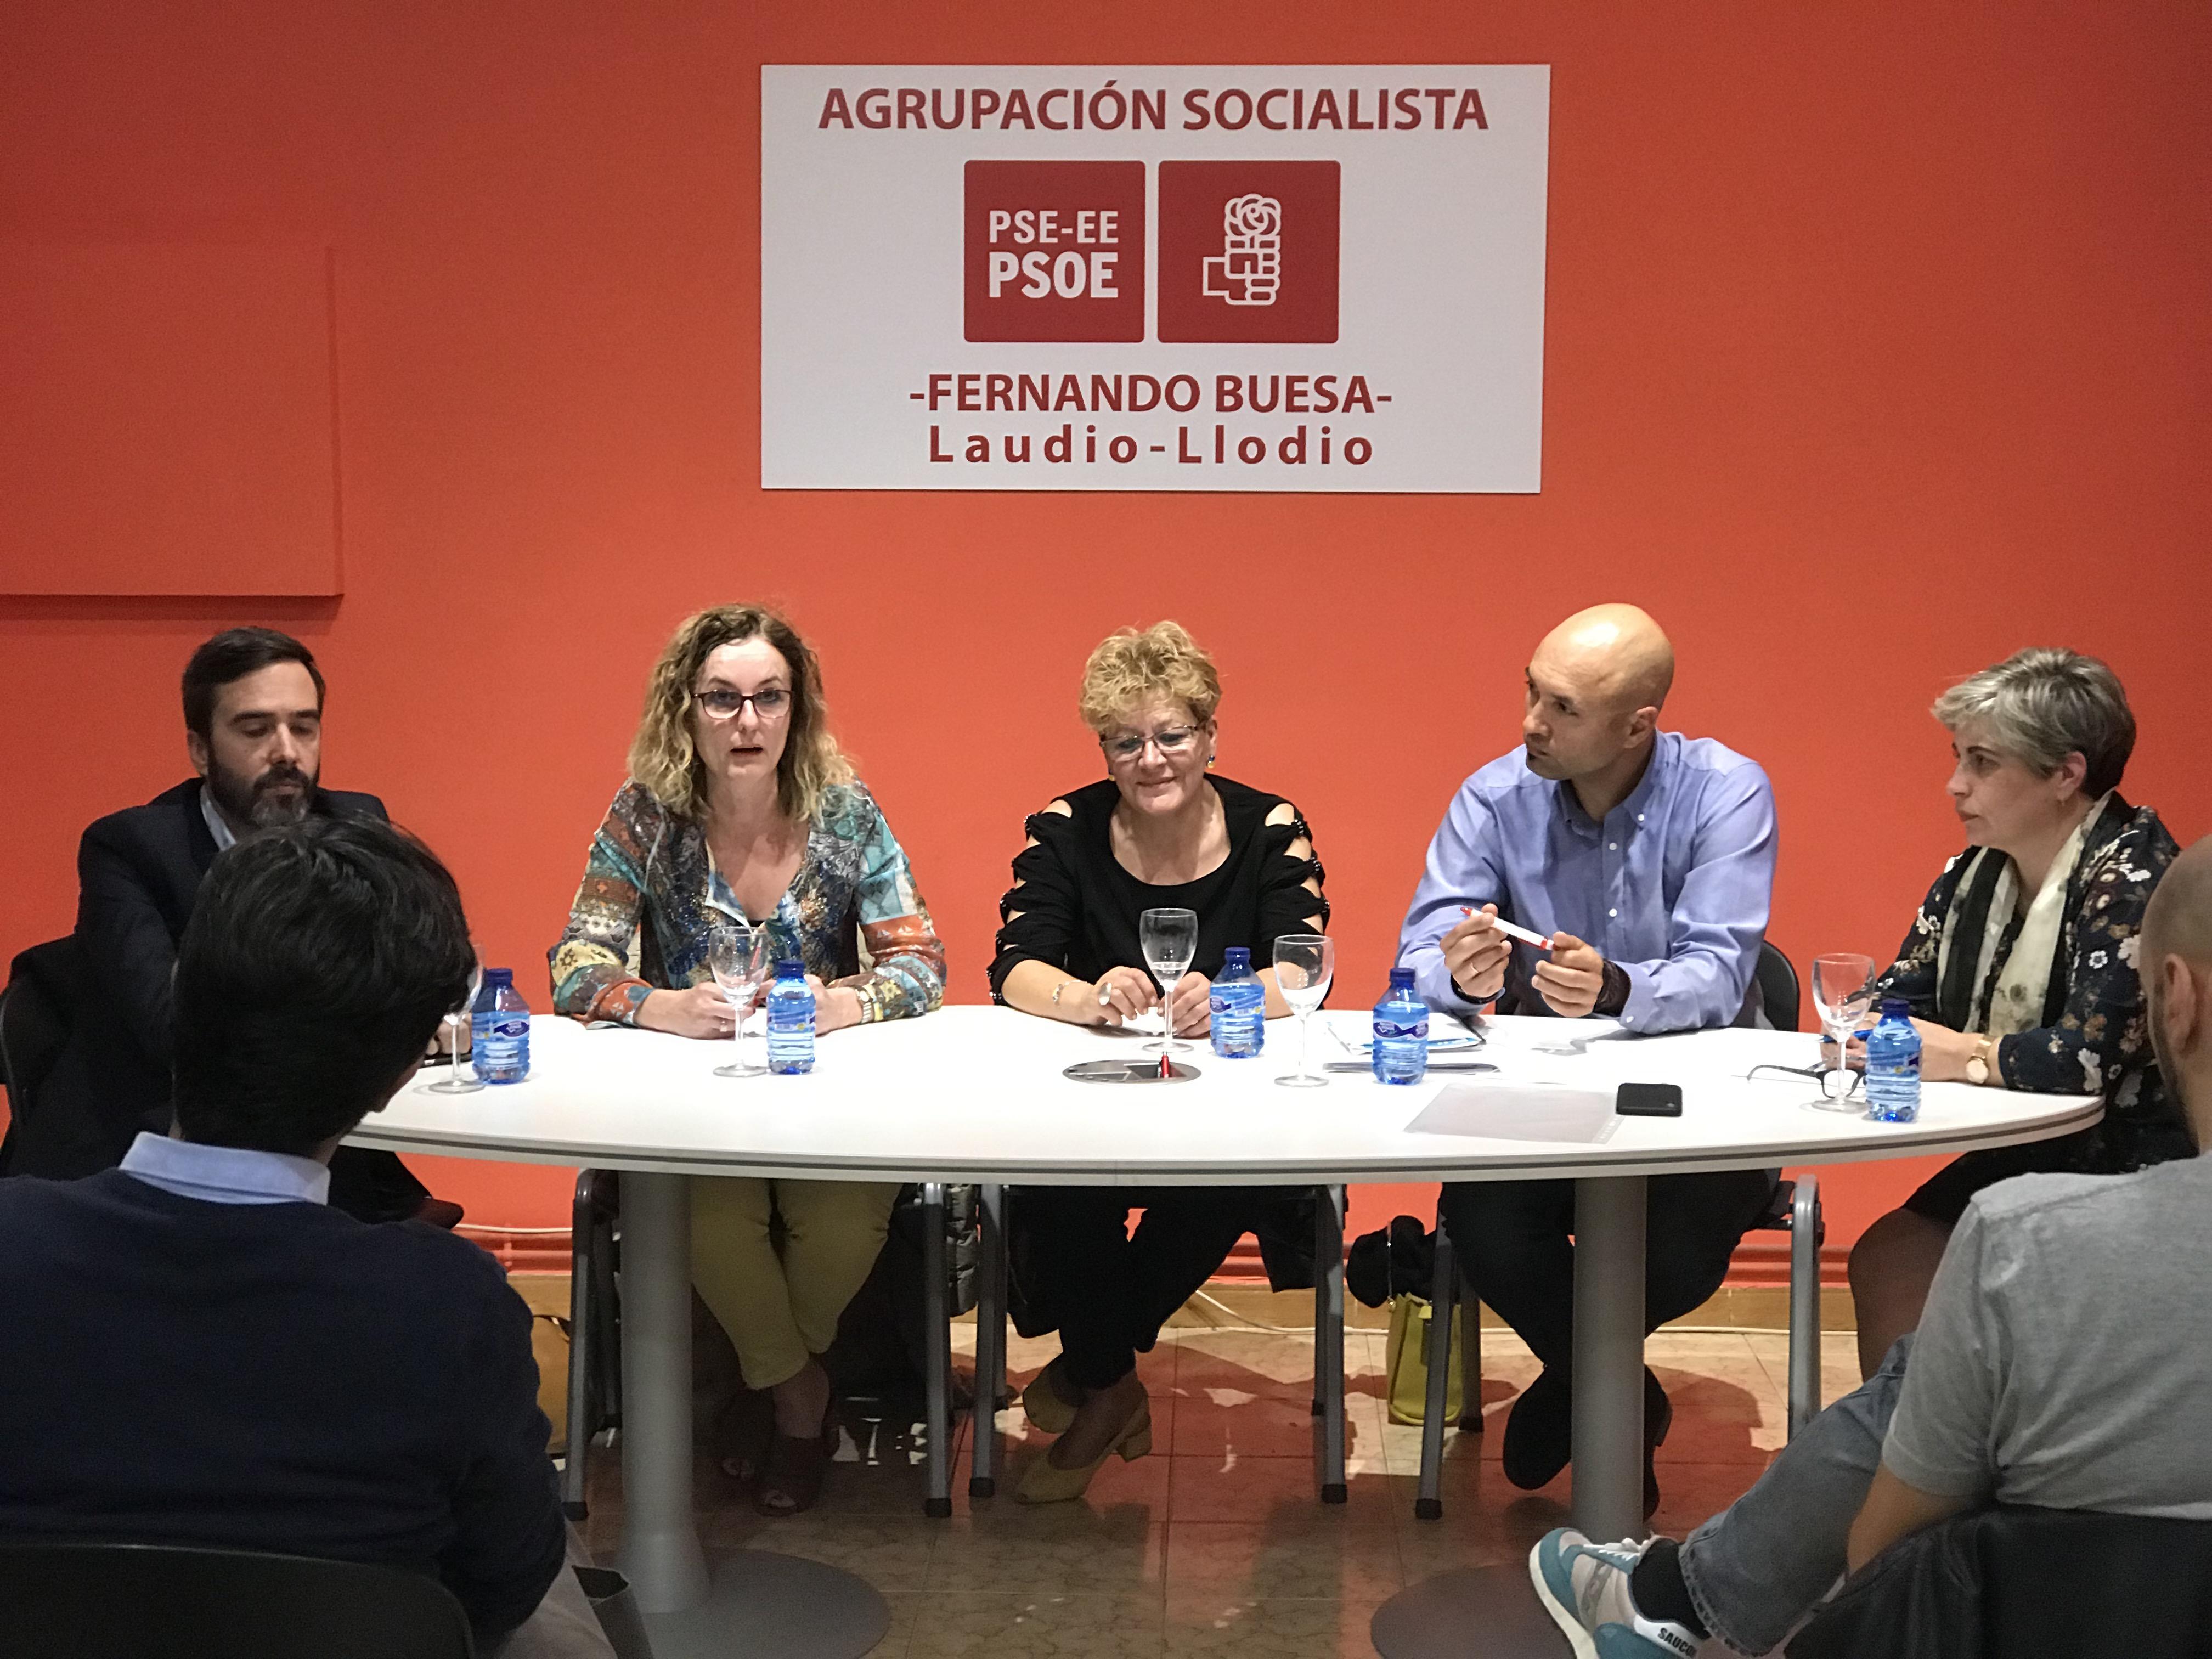 Reunión de trabajo con la Agrupación socialista de Laudio